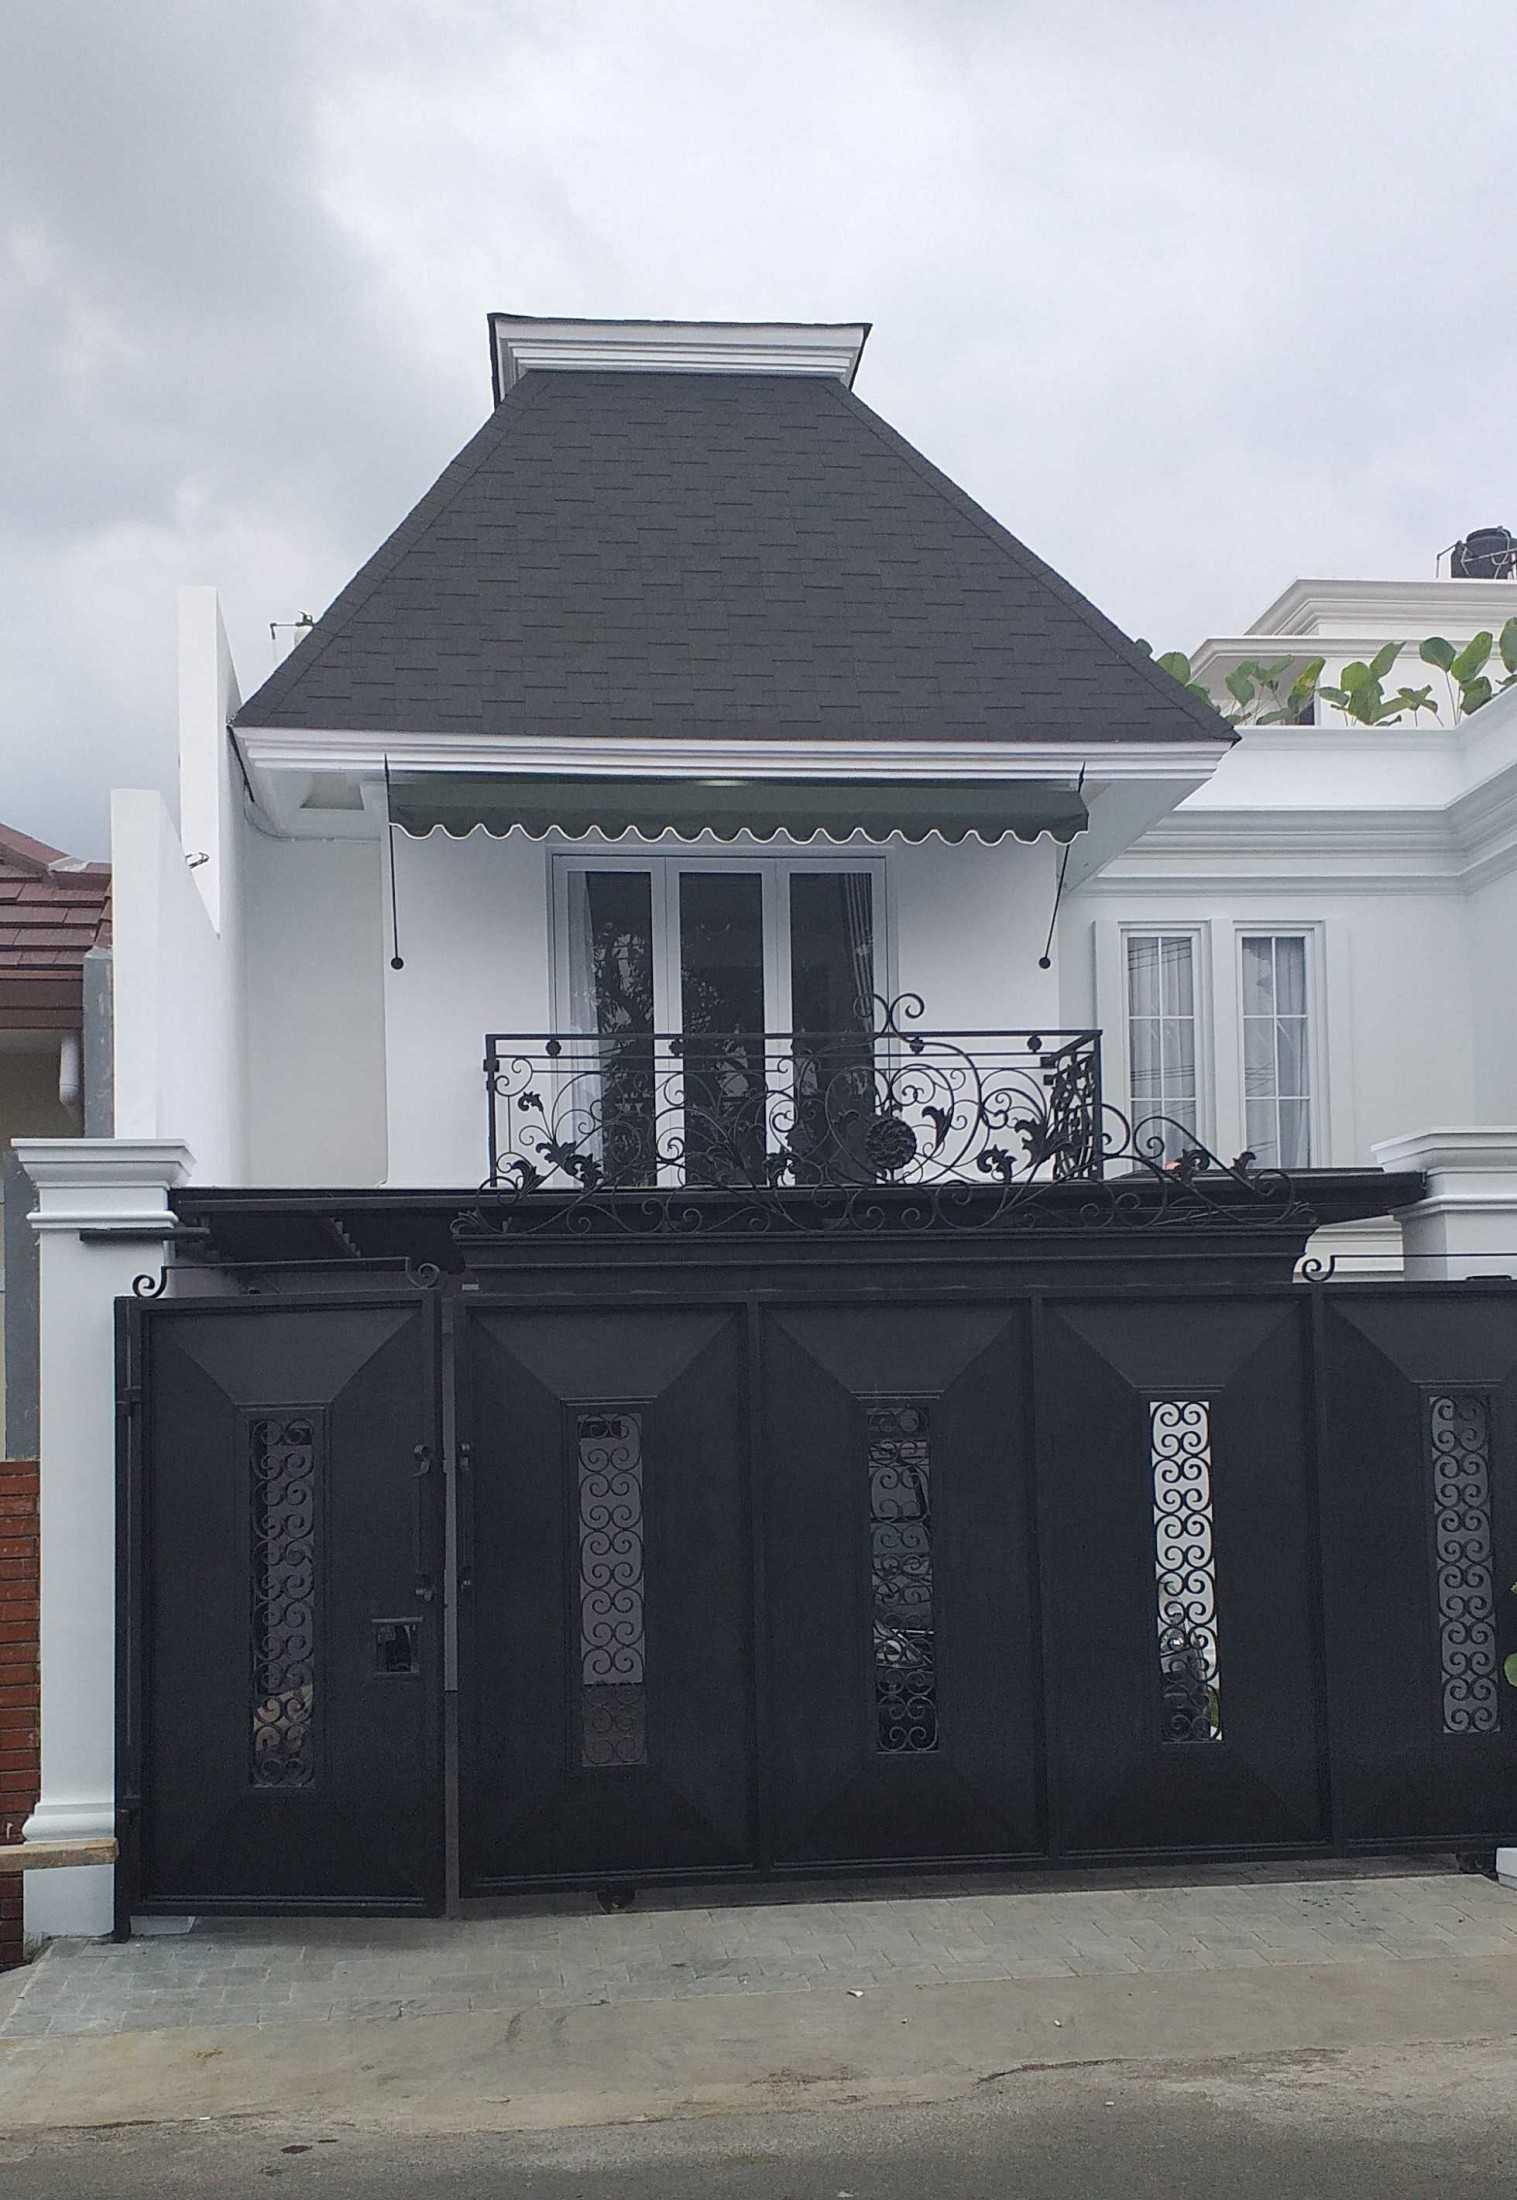 Himbar Buana Konstruksi Cs - House Kec. Margahayu, Bandung, Jawa Barat, Indonesia Kec. Margahayu, Bandung, Jawa Barat, Indonesia Himbar-Buana-Konstruksi-Cs-House  73095